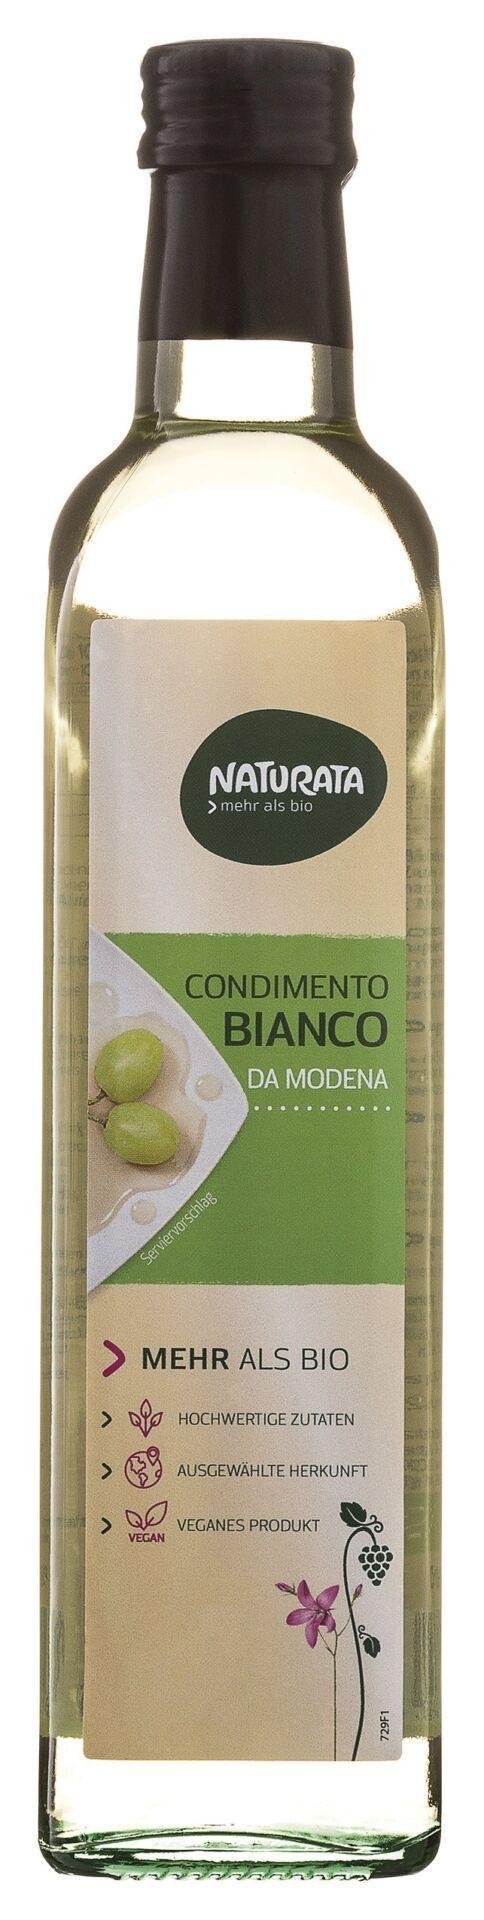 NATURATA Condimento Bianco 6x500ml